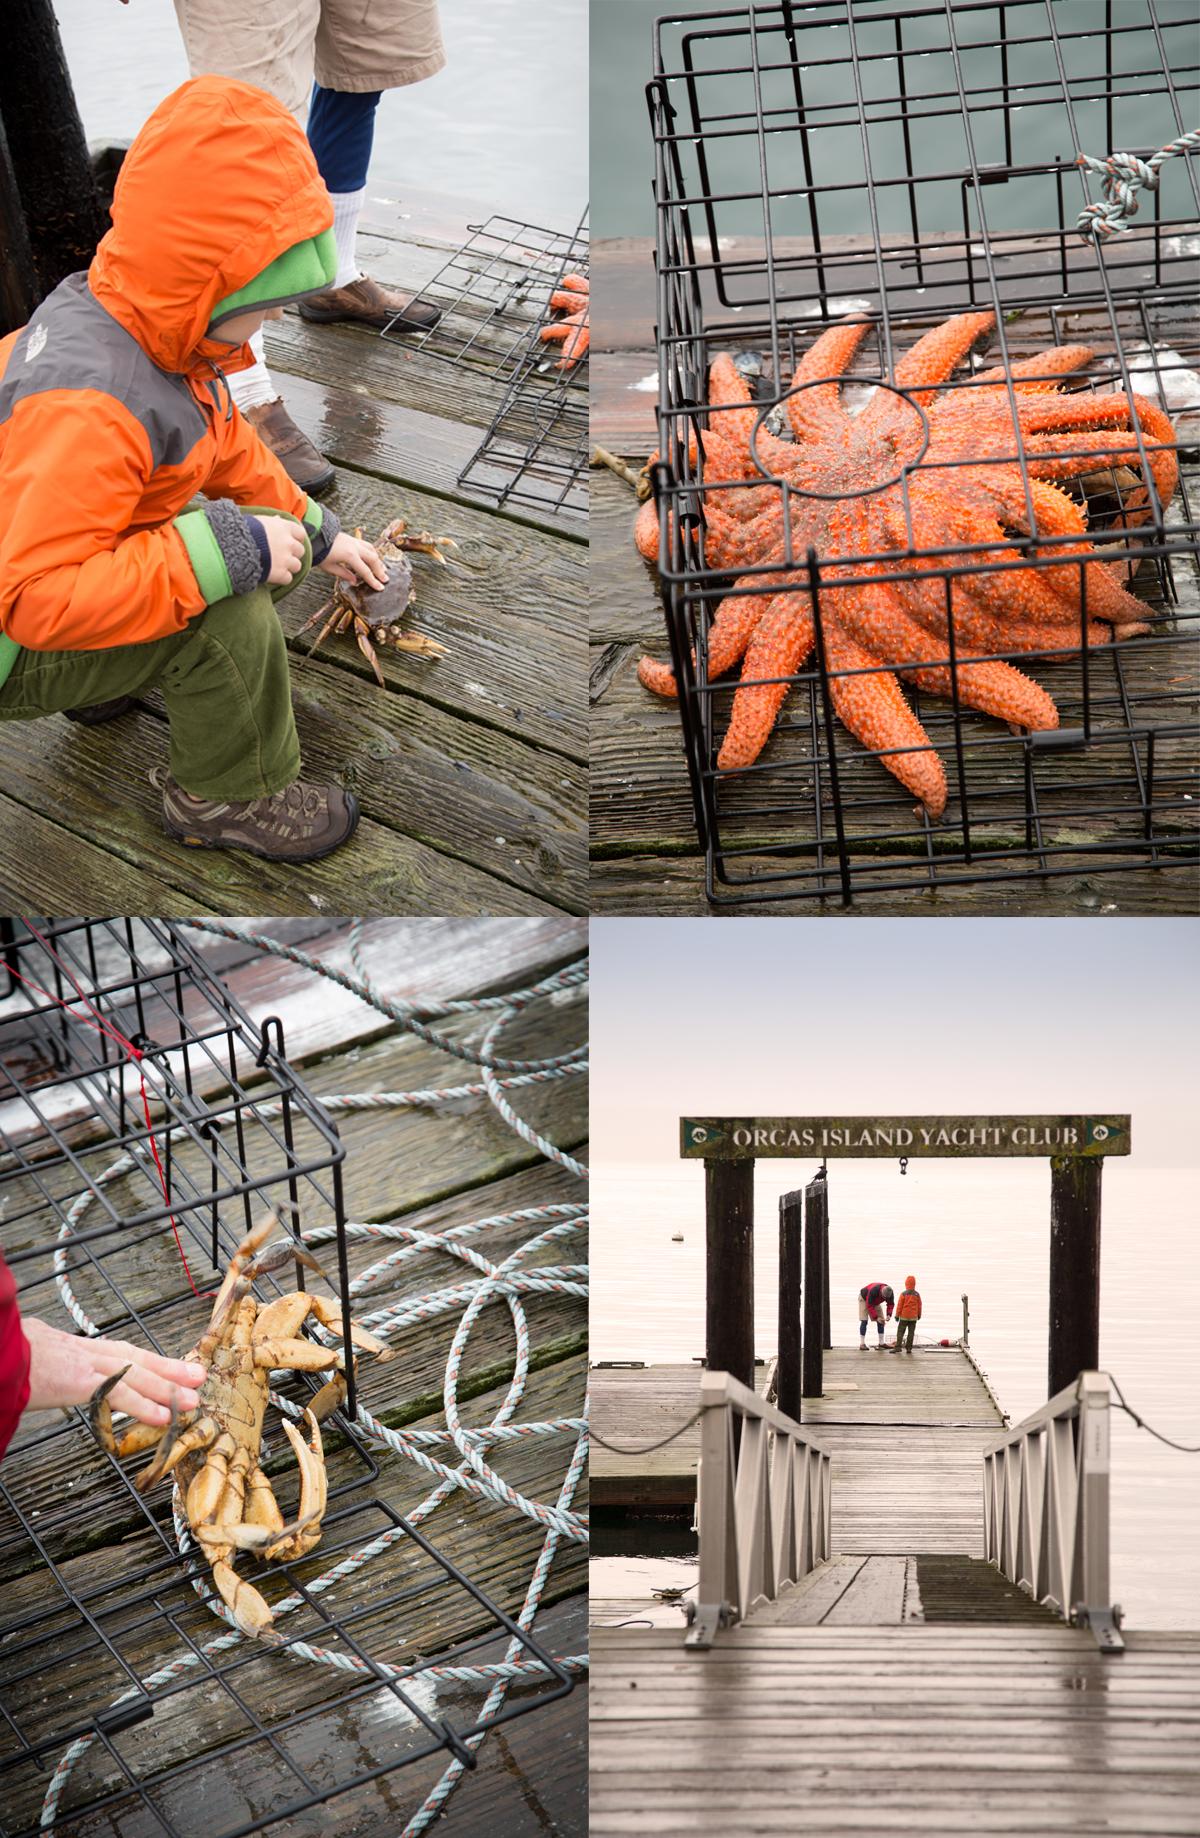 Orcas Island Crabbing Season